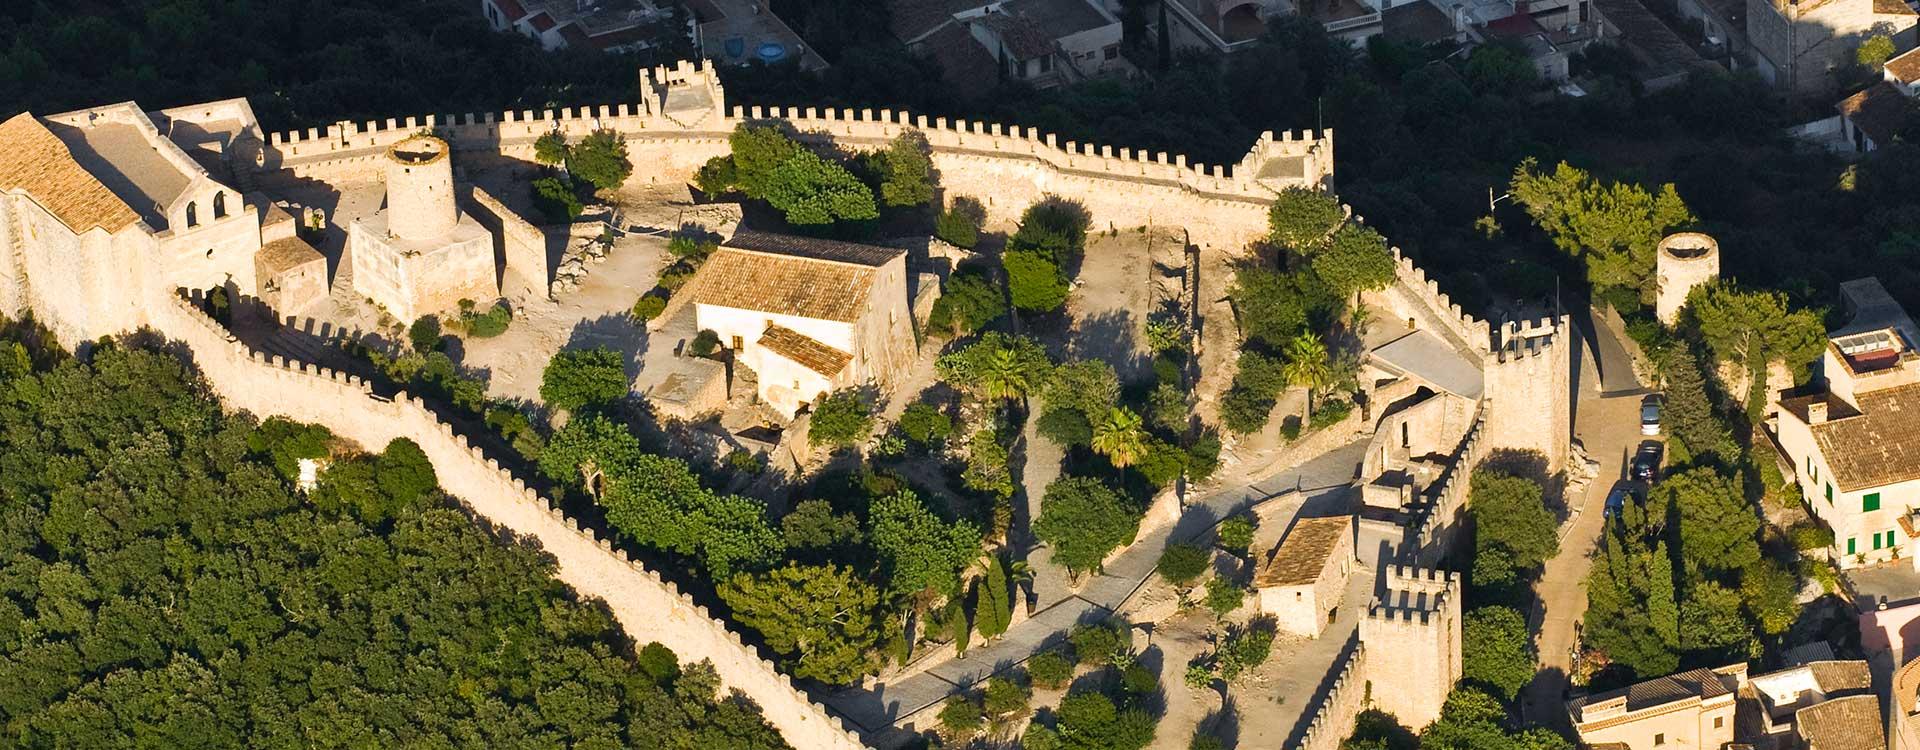 Vista aérea de las calles y el castillo de Capdepera